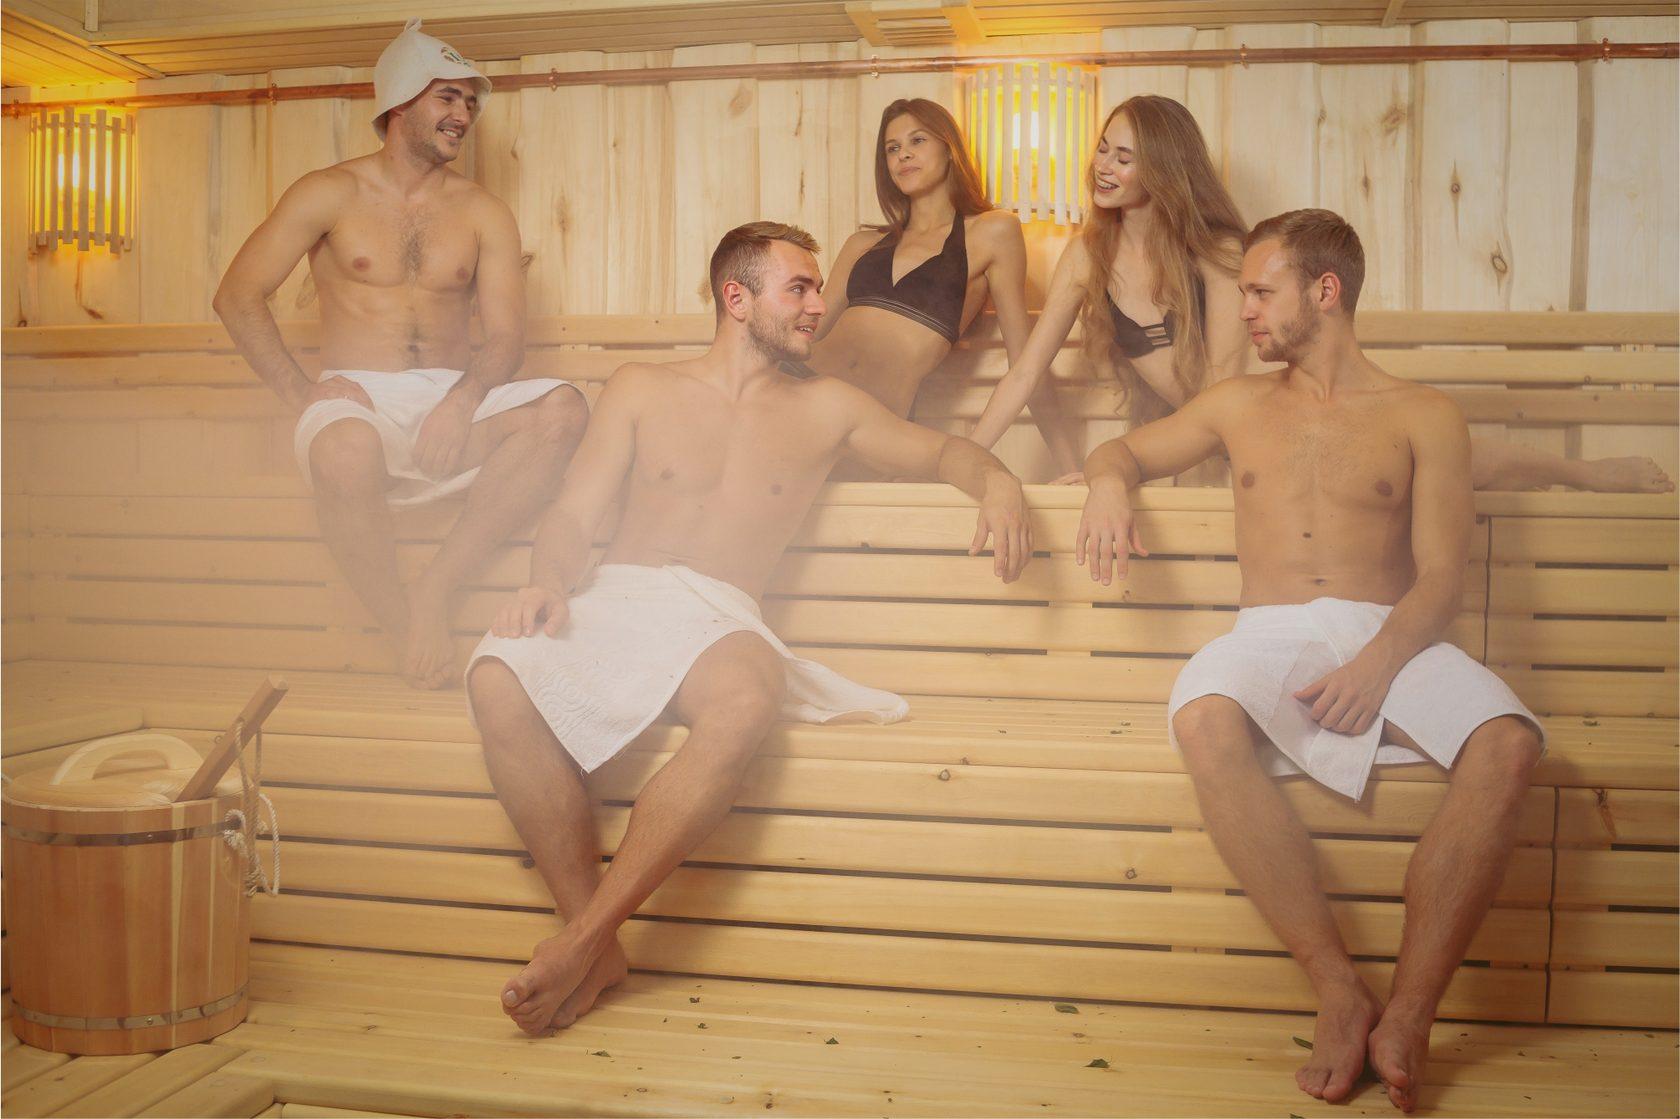 Русские студенты ебутся в бане, Студенты в сауне -видео. Смотреть Студенты 36 фотография